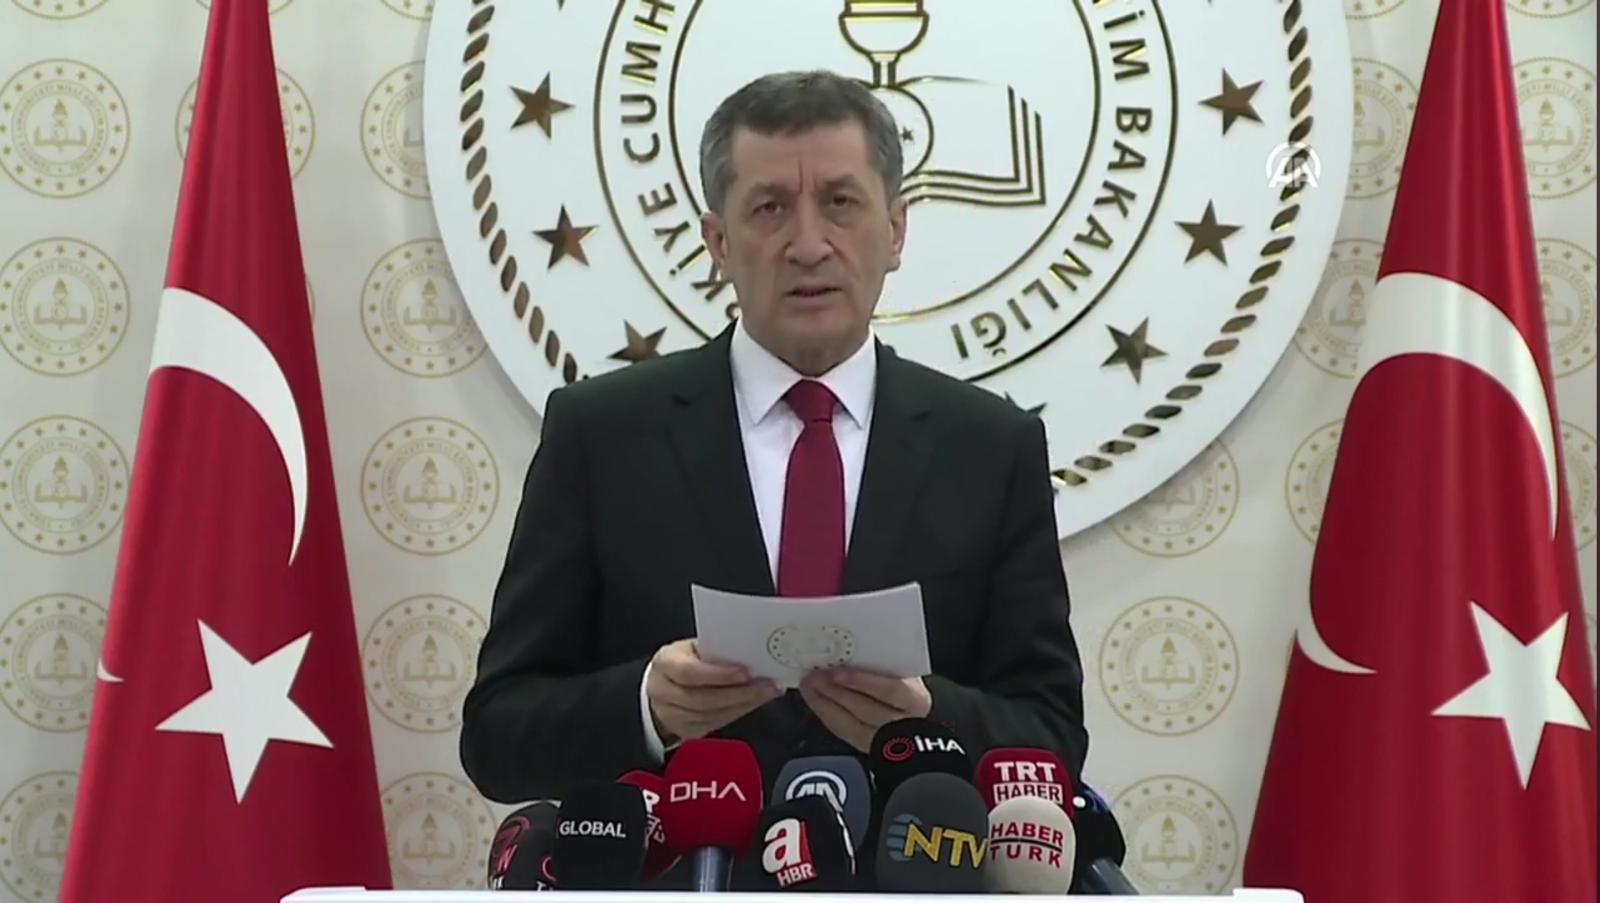 Photo of Milli Eğitim Bakanı Ziya SELÇUK'un Tatil ve Uzaktan Eğitim Açıklamaları